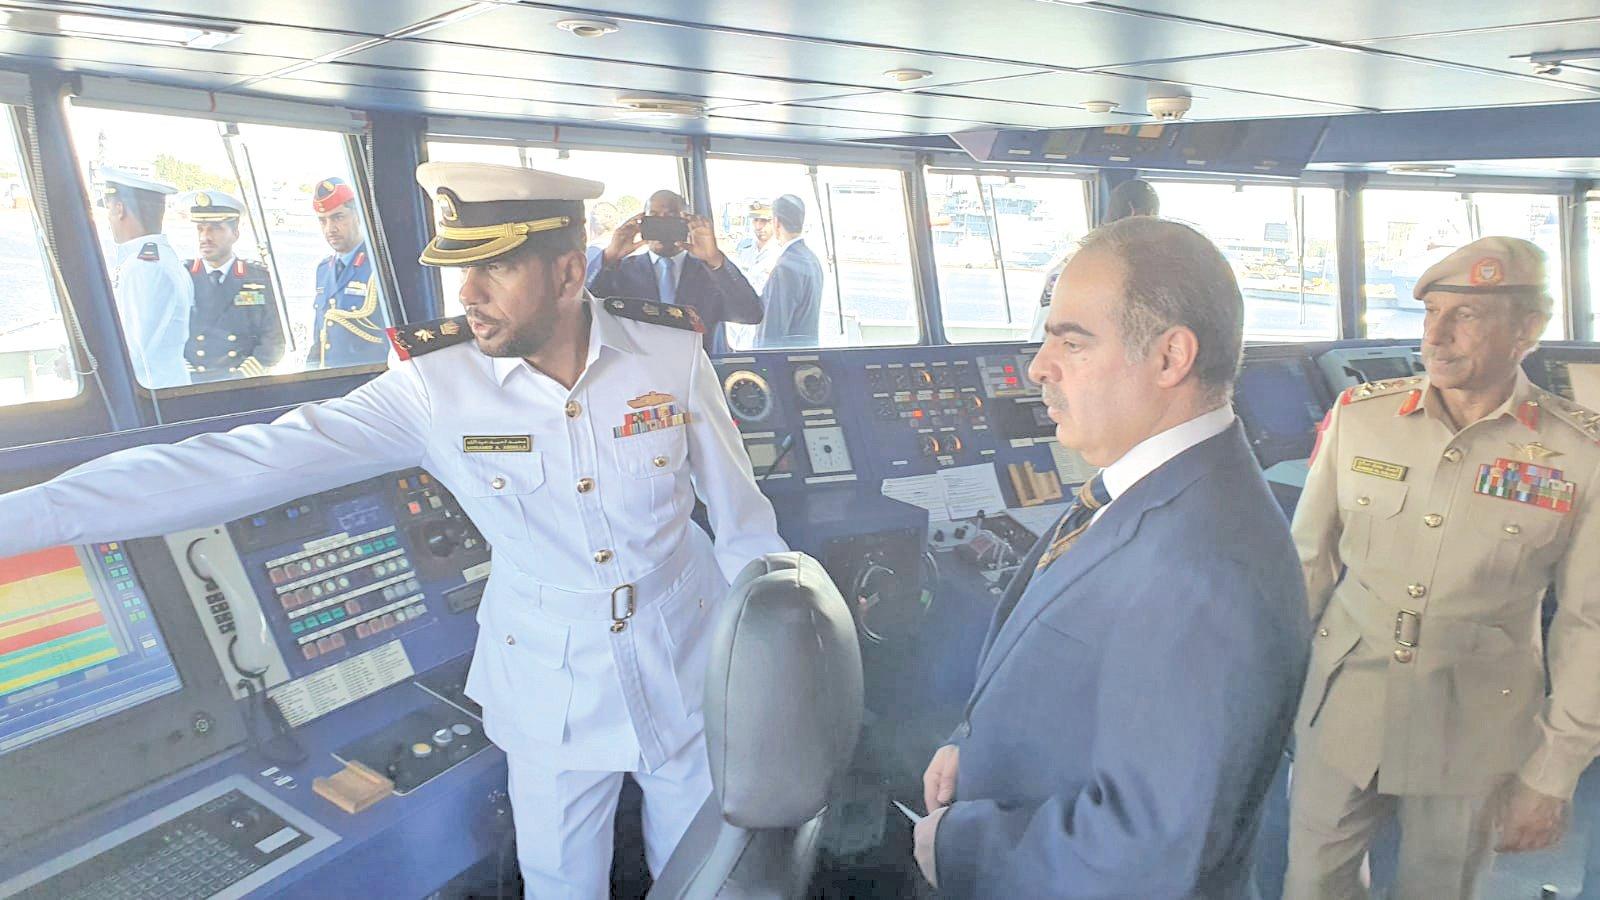 البحرين ممثلة بقوة الدفاع تتسلم سفينة الدورية الحربية (الزبارة) Ee4LtyUXoAIwzYL?format=jpg&name=large